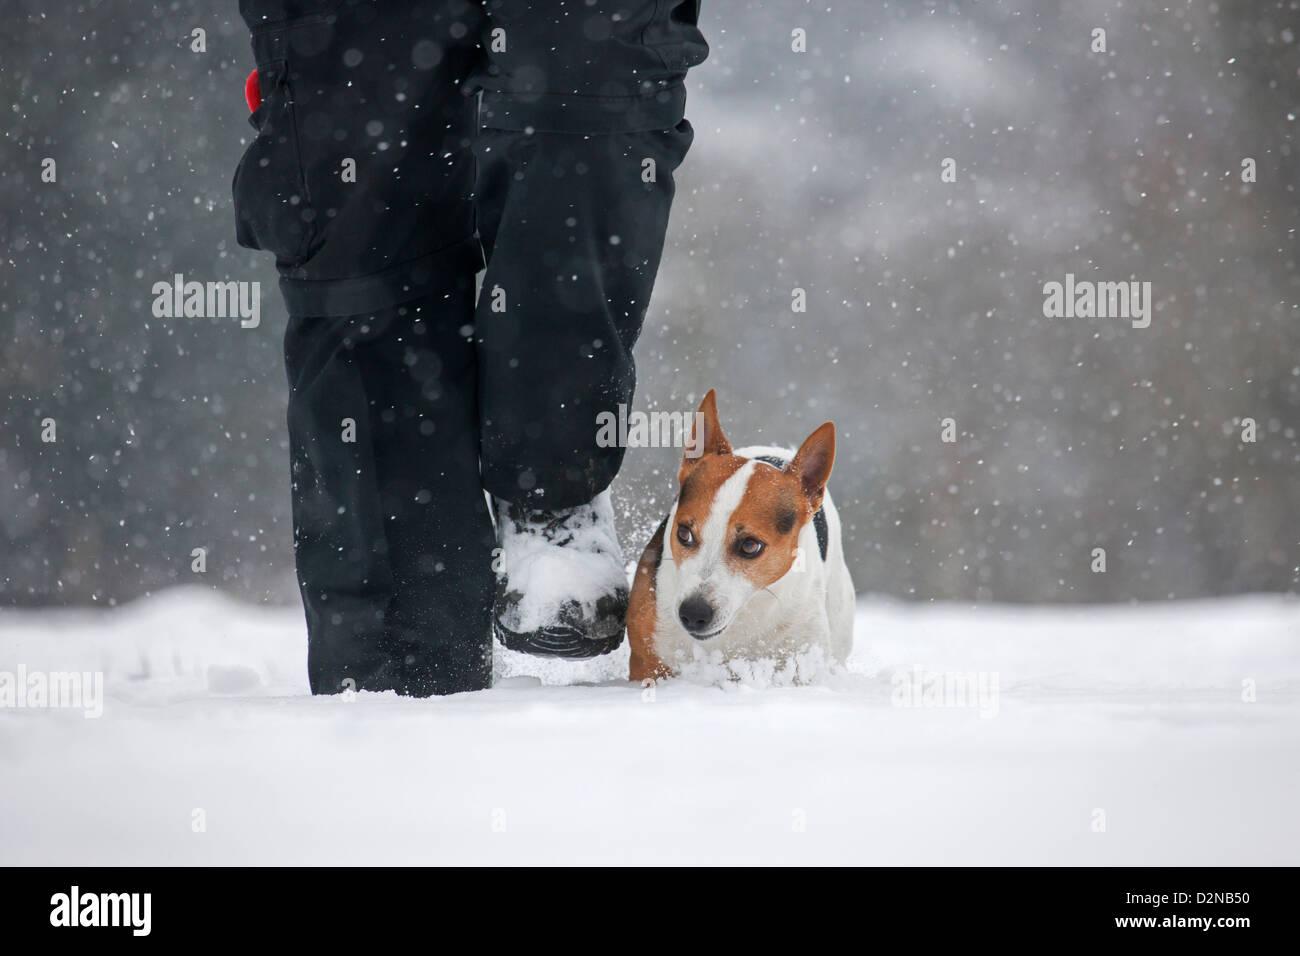 Jack Russell Terrier dog walking avec propriétaire dans la neige durant l'hiver dans la neige Photo Stock